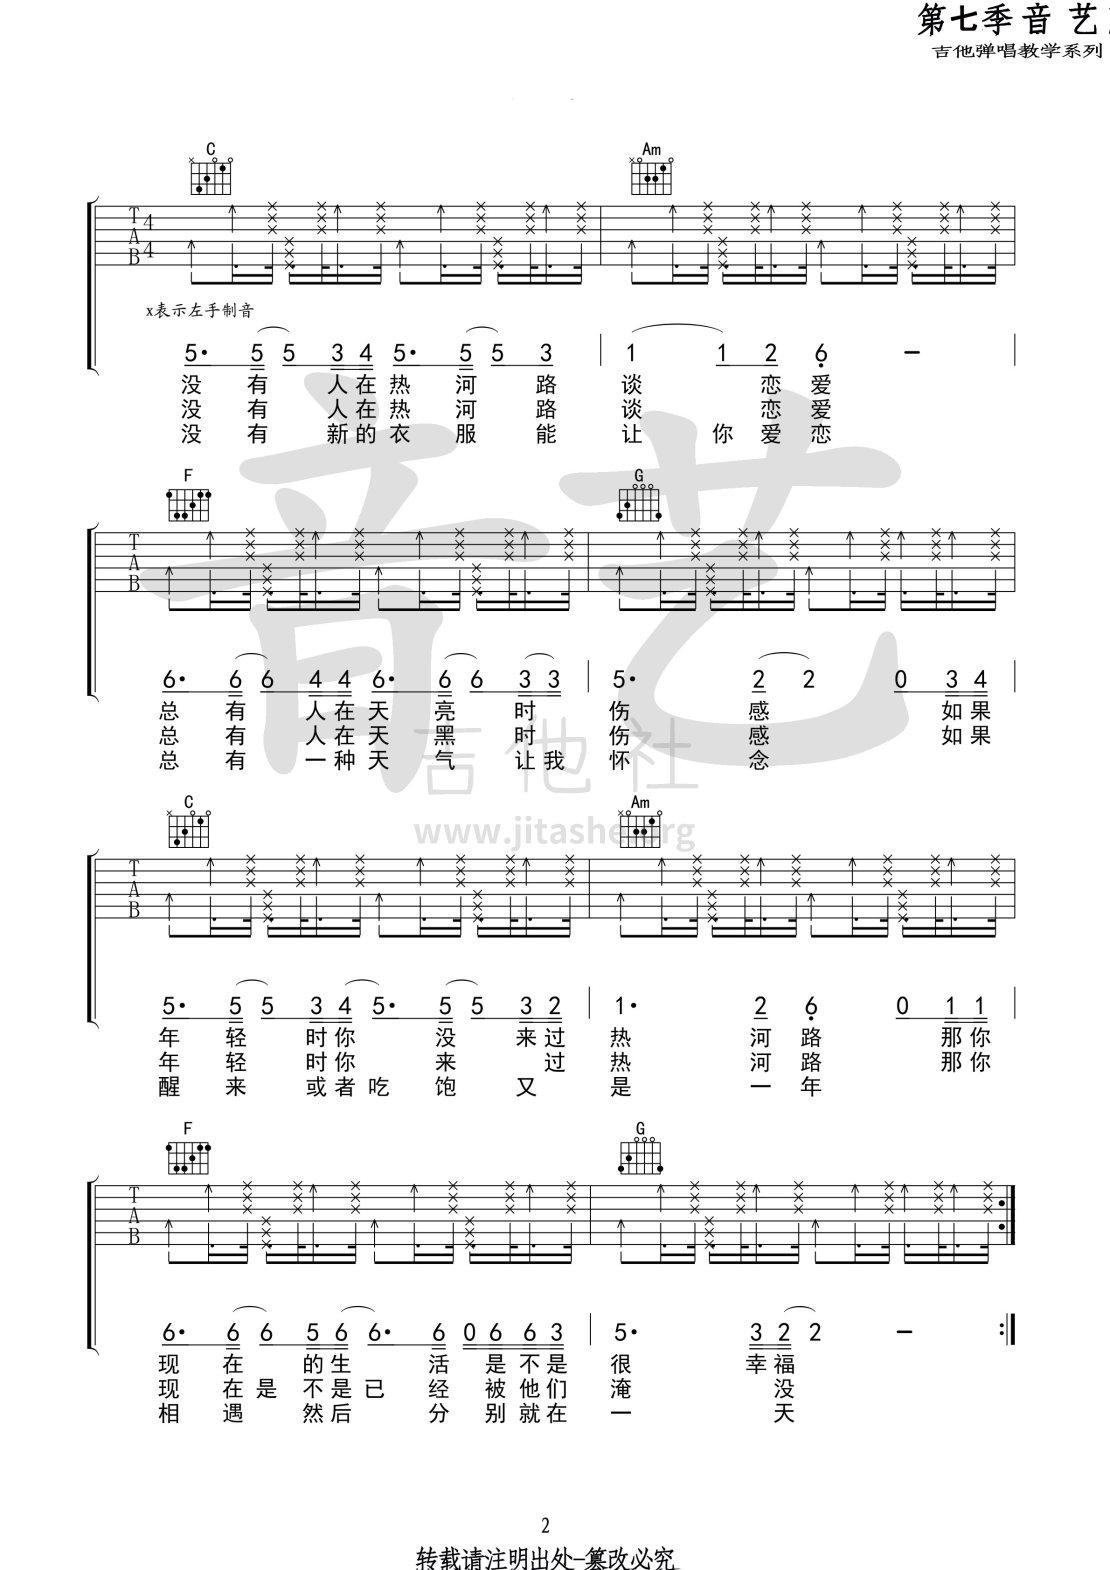 热河(音艺吉他弹唱教学:第七季第59集)吉他谱(图片谱,弹唱,伴奏,教程)_李志_热河2 第七季第五十九集.jpg